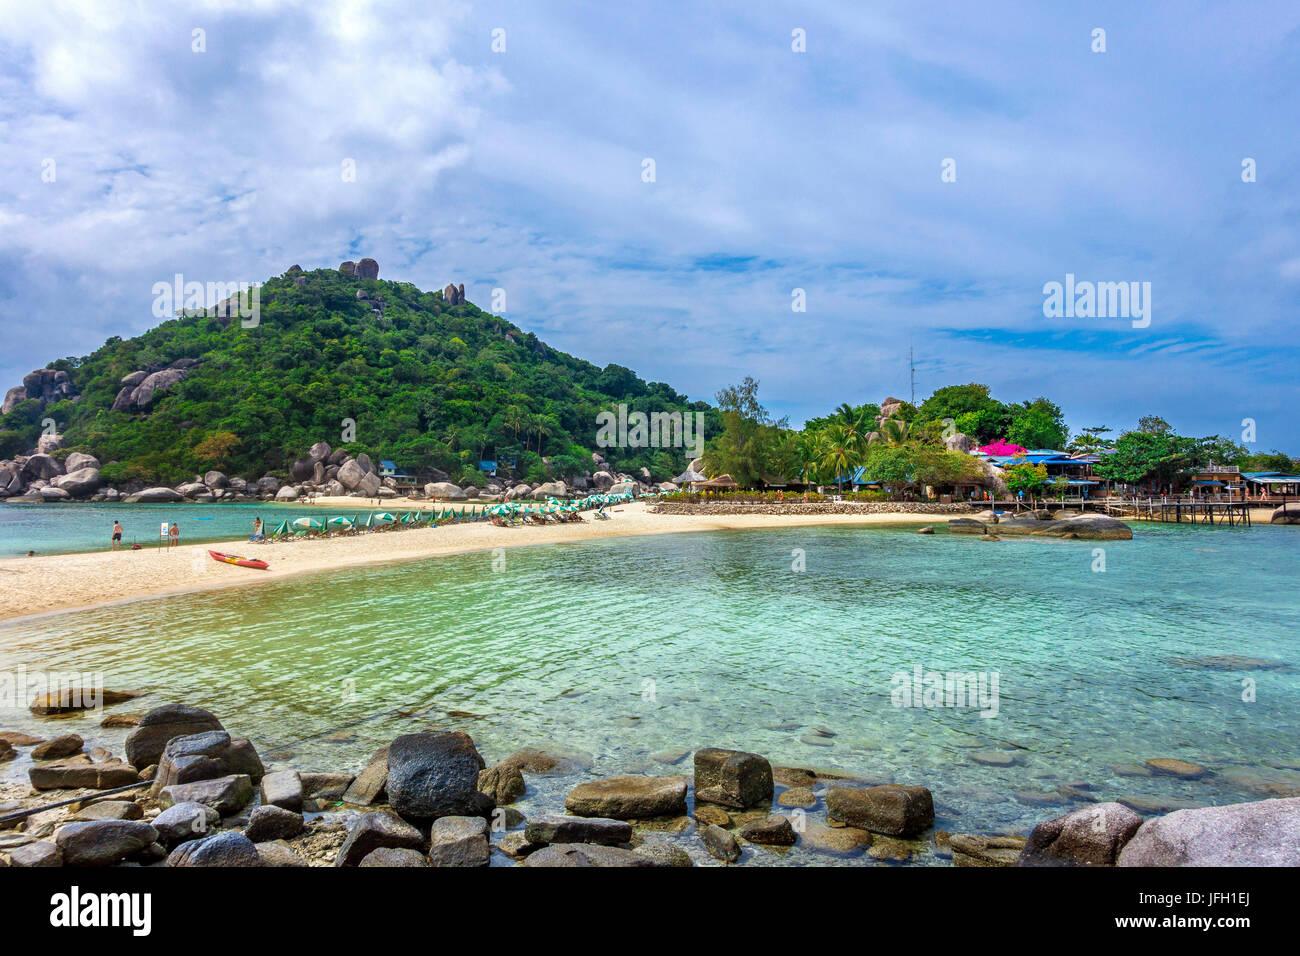 Island Koh Nang yuan, also Nangyuan, with Koh Tao, golf of Thailand, Thailand, Asia - Stock Image